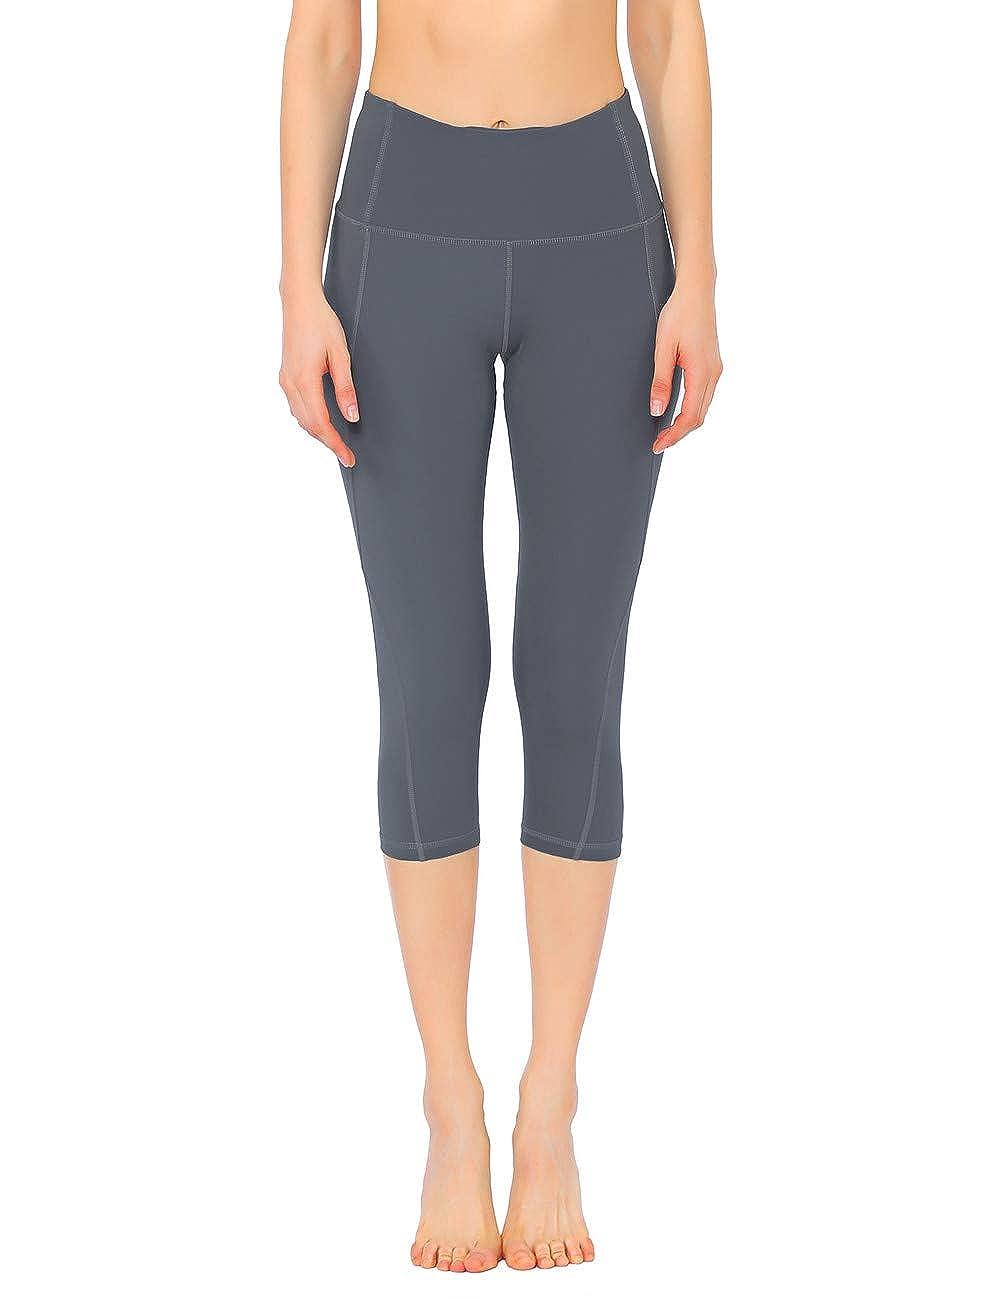 Rocorose Womens Yoga Pants High Waist Power Flex Pockets Workout Running Fitness Leggings